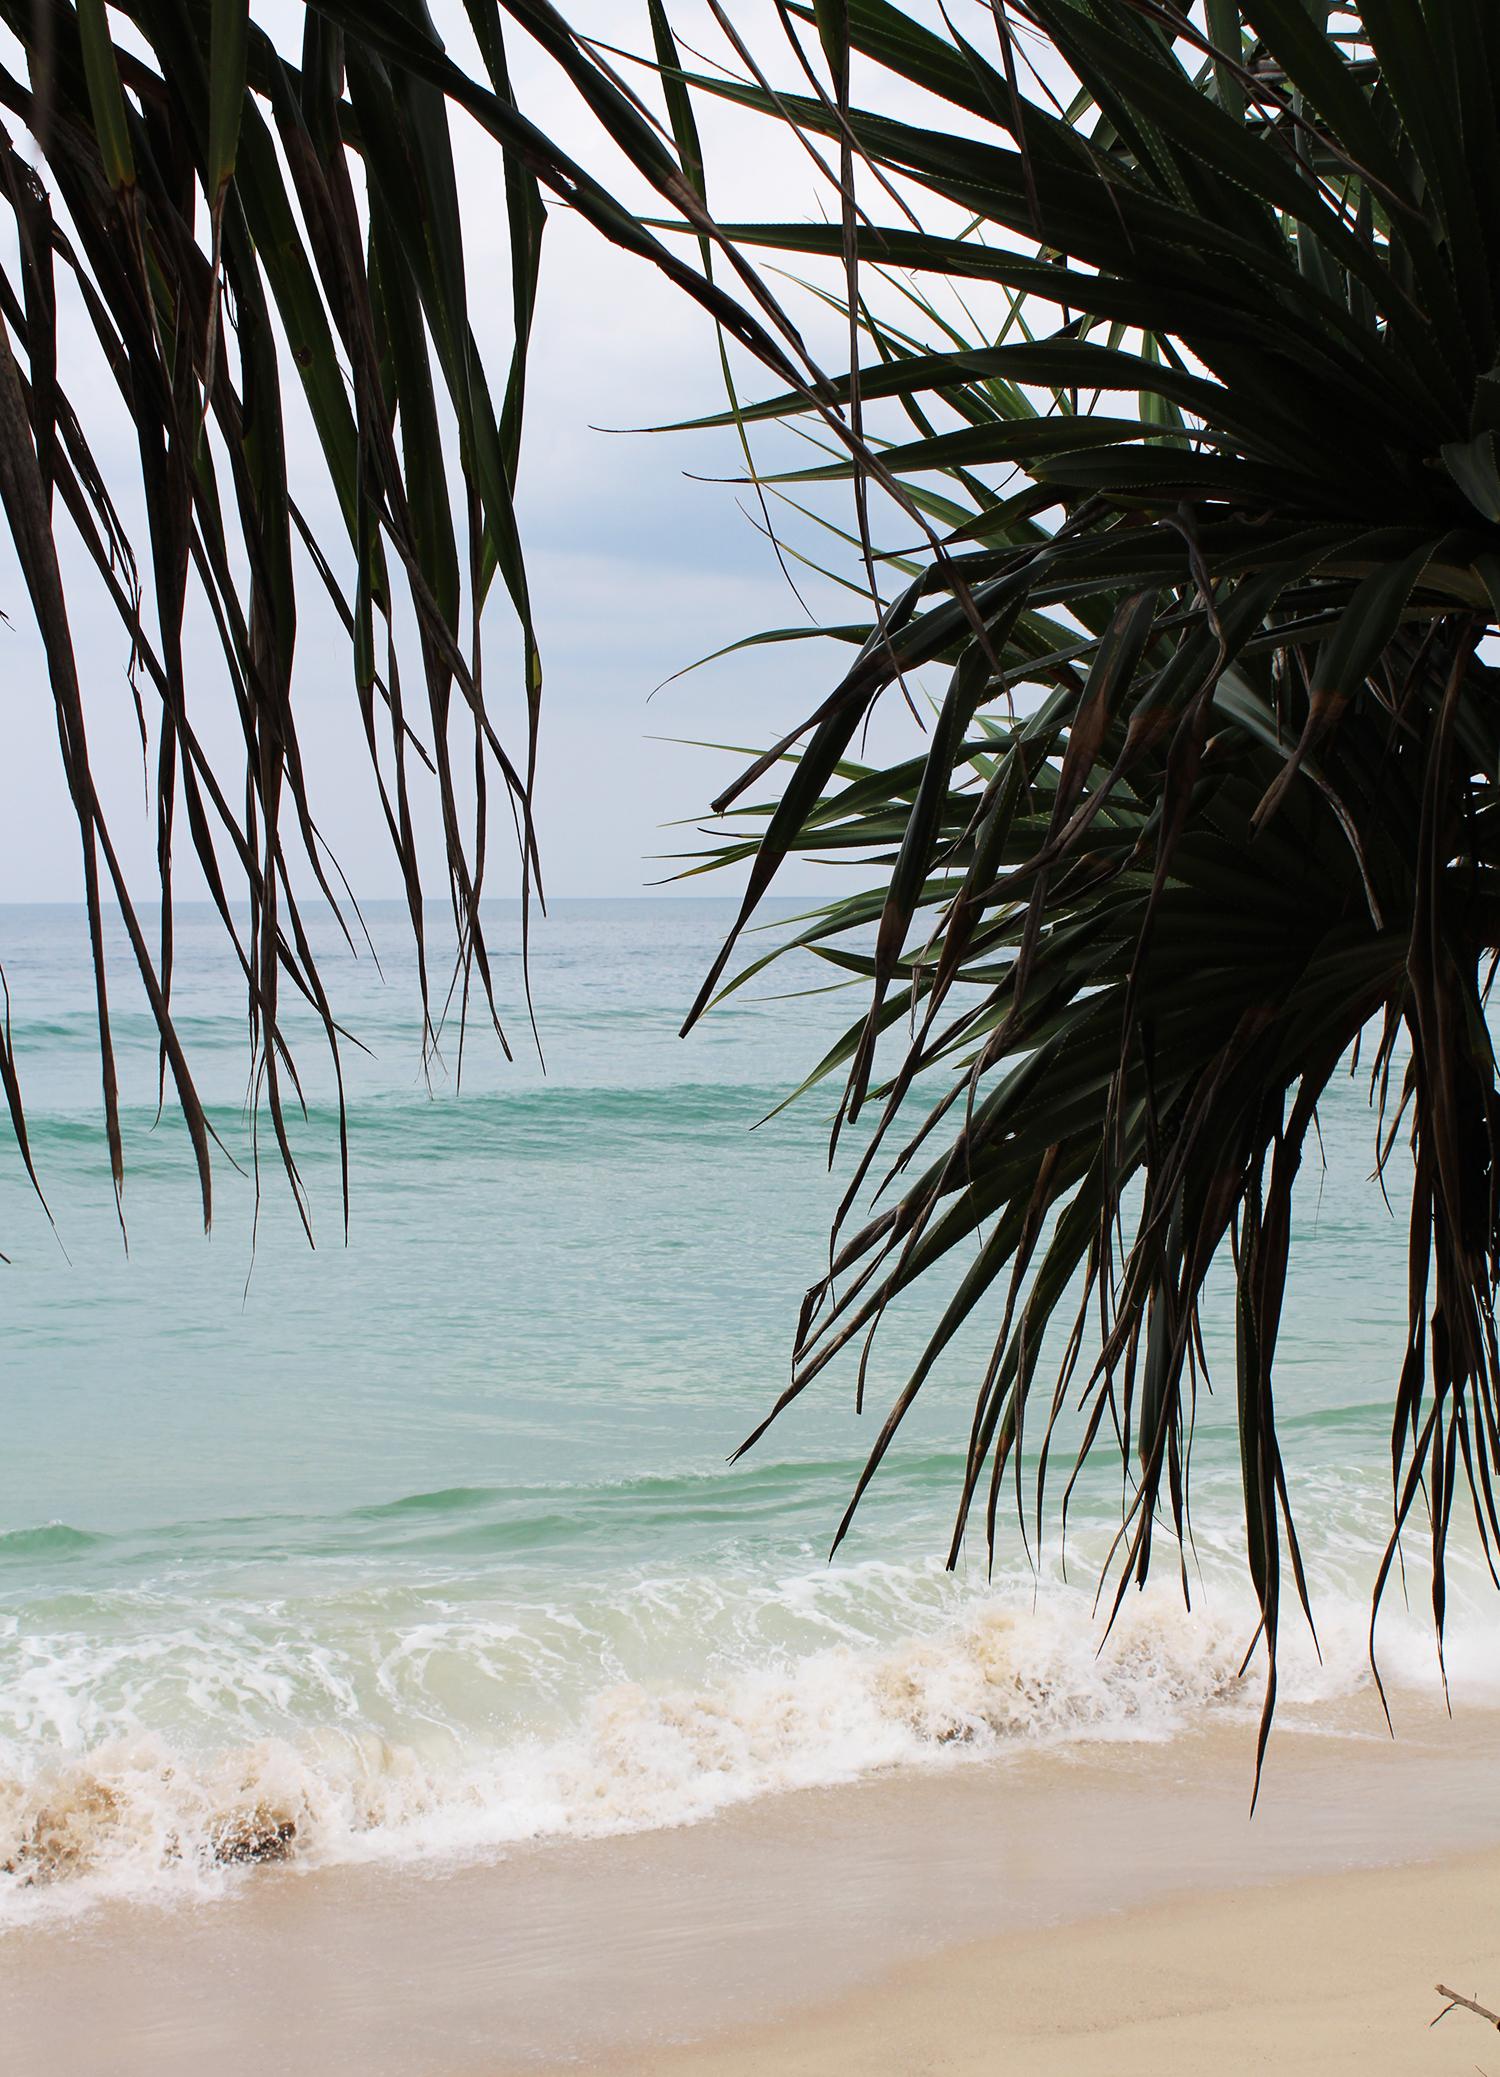 wearemad bang tao beach 02.jpg